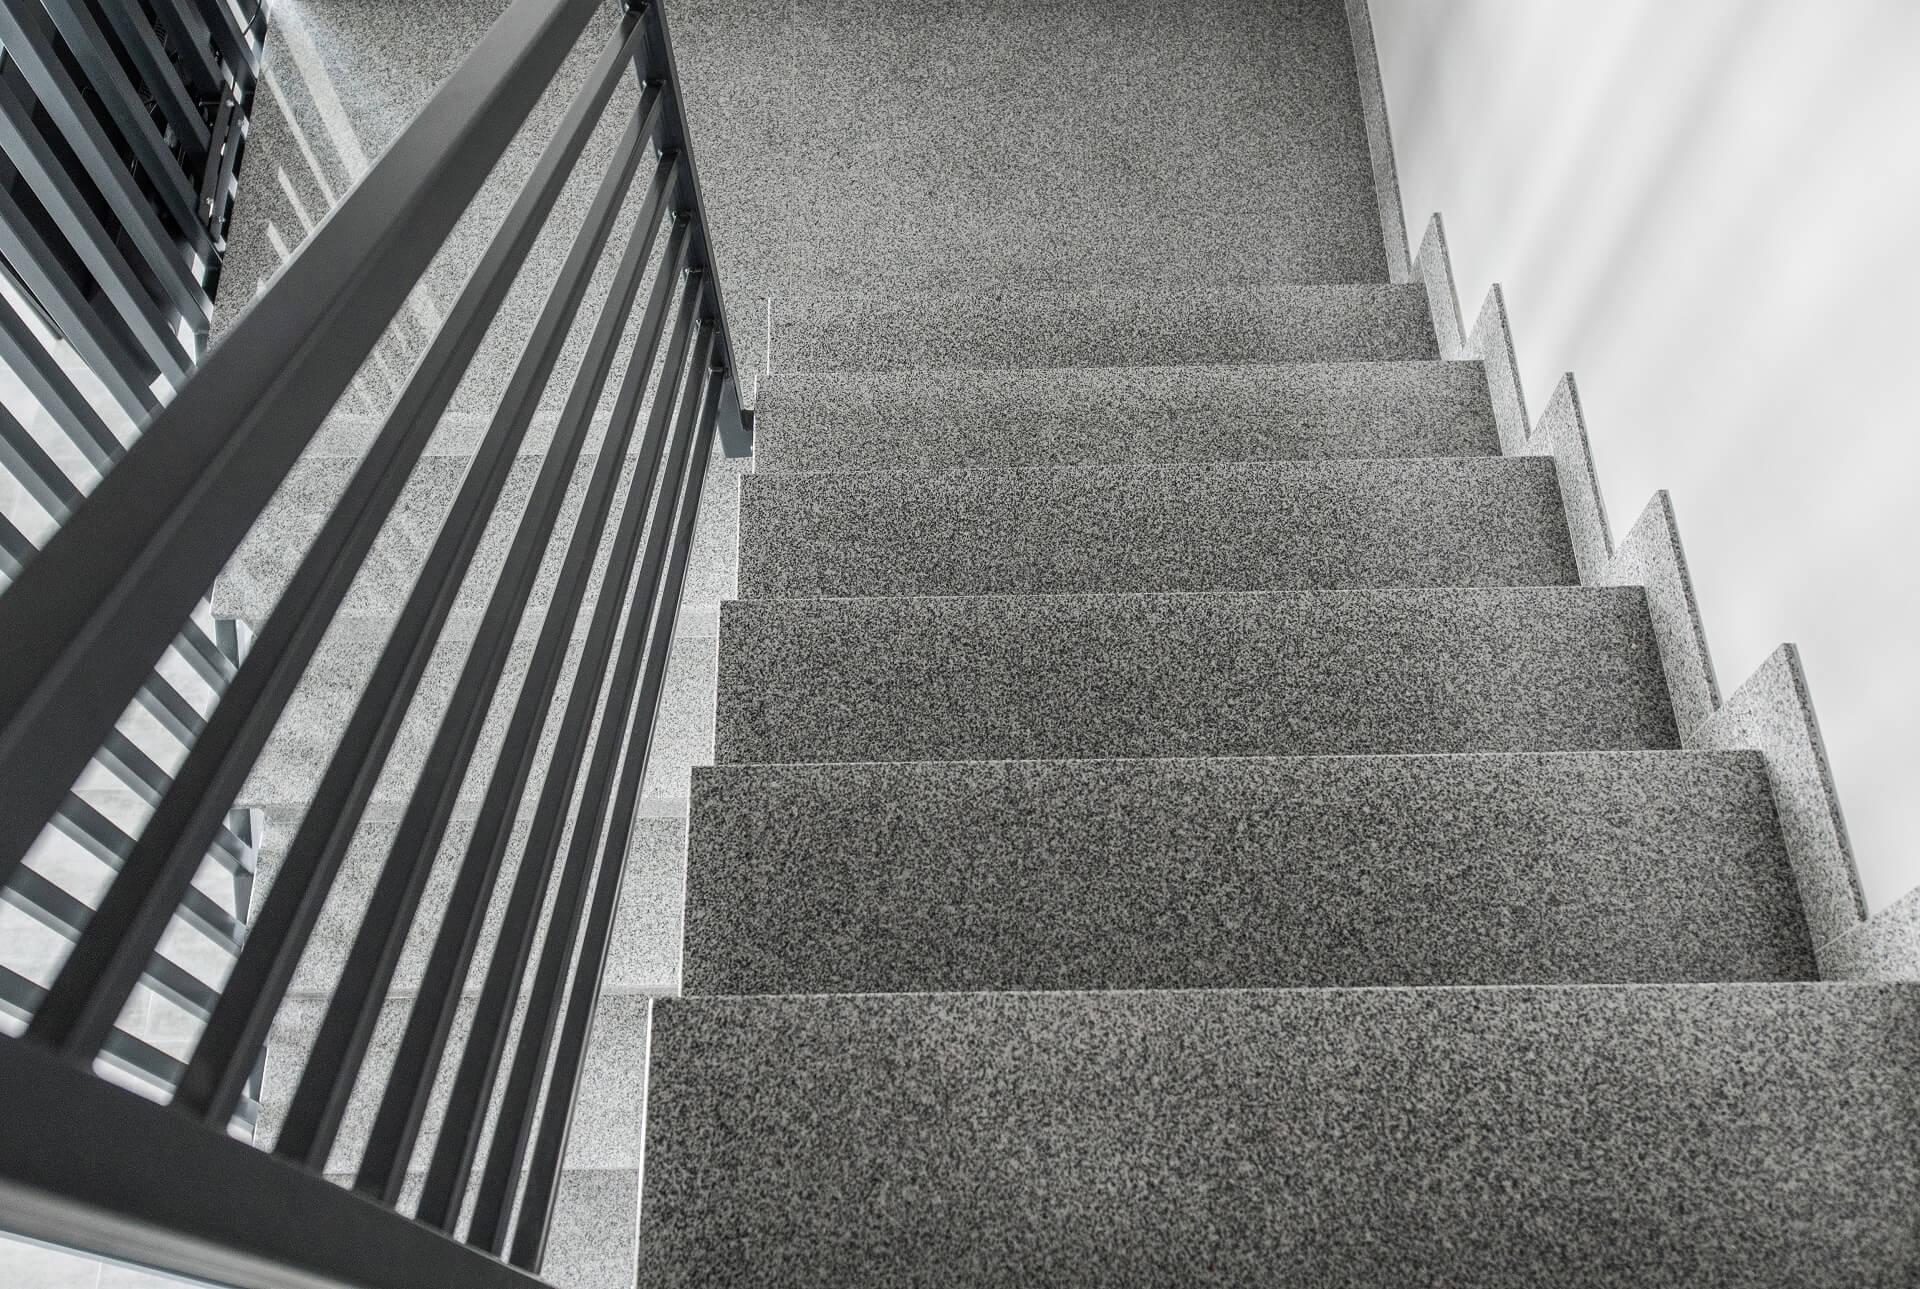 måleri Ny bostadstrappa i lägenhetsbyggnaden PROFFSMÅLERI I SKÅNE AB